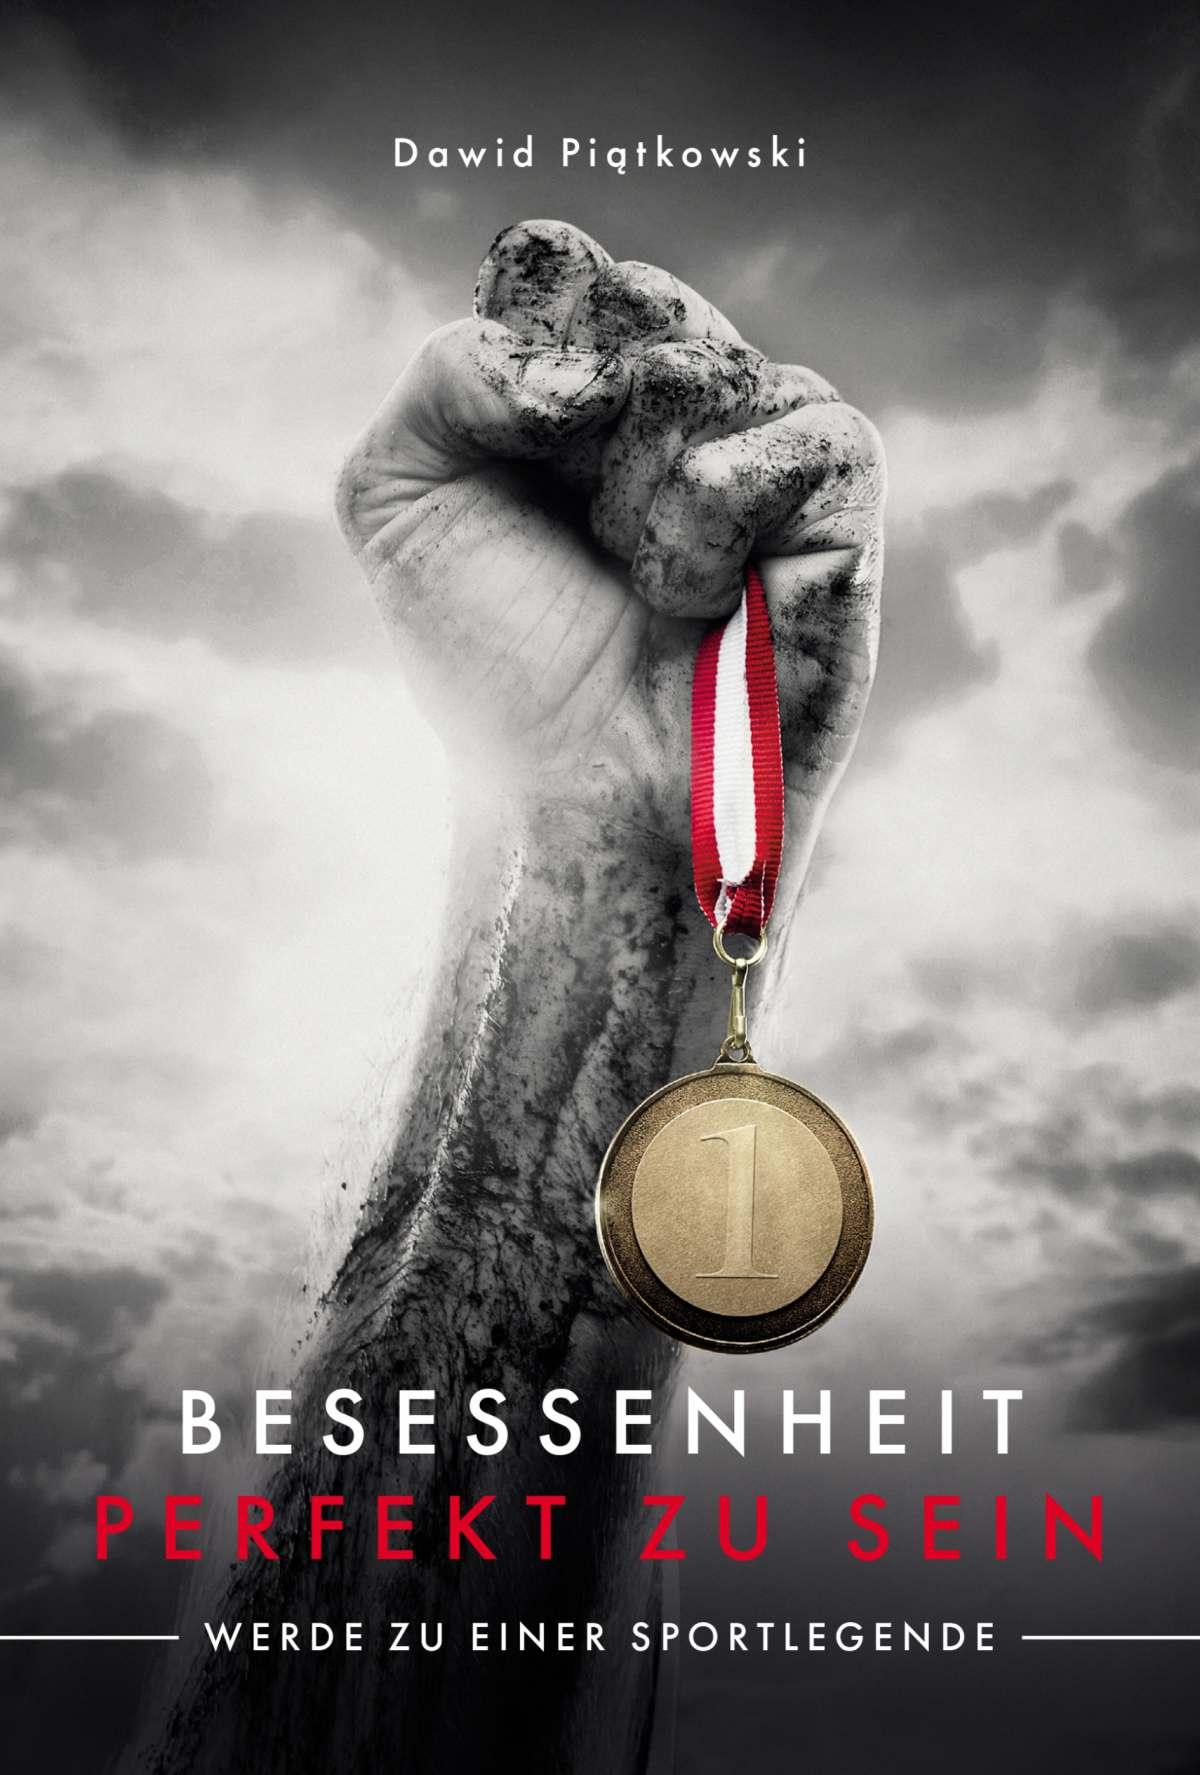 Besessenheit perfekt zu sein - Ebook (Książka na Kindle) do pobrania w formacie MOBI